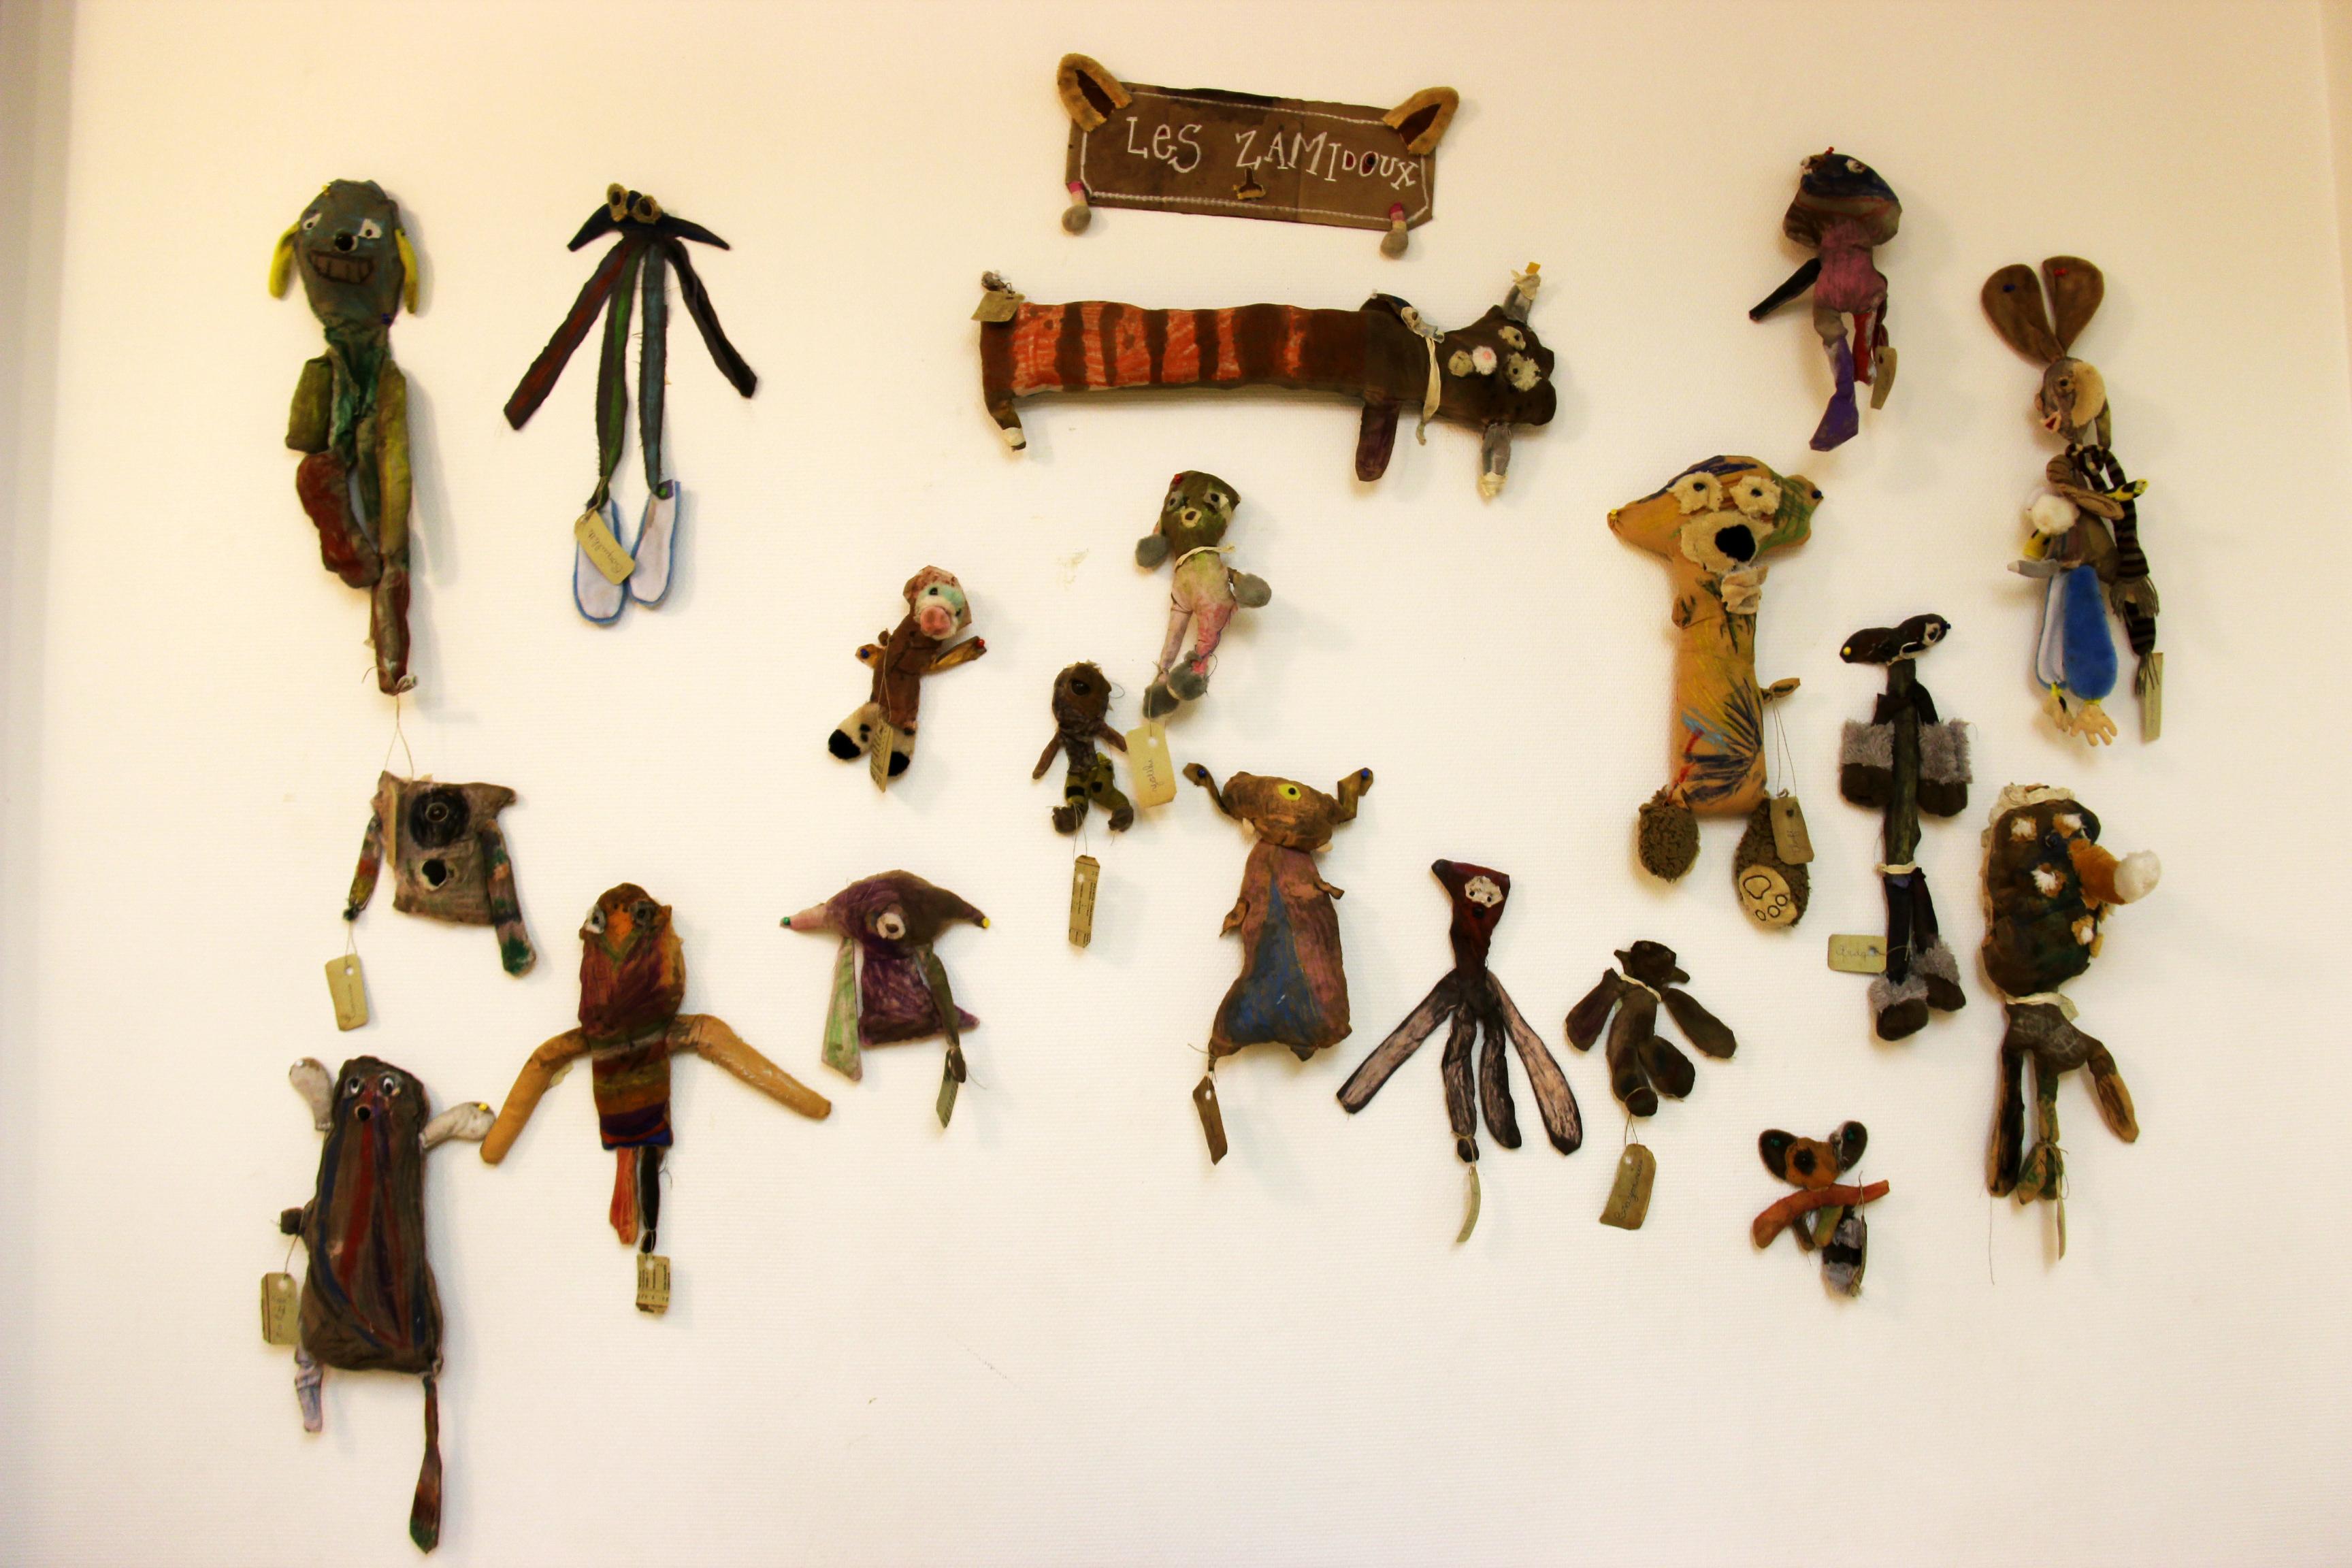 Les poupées doudous